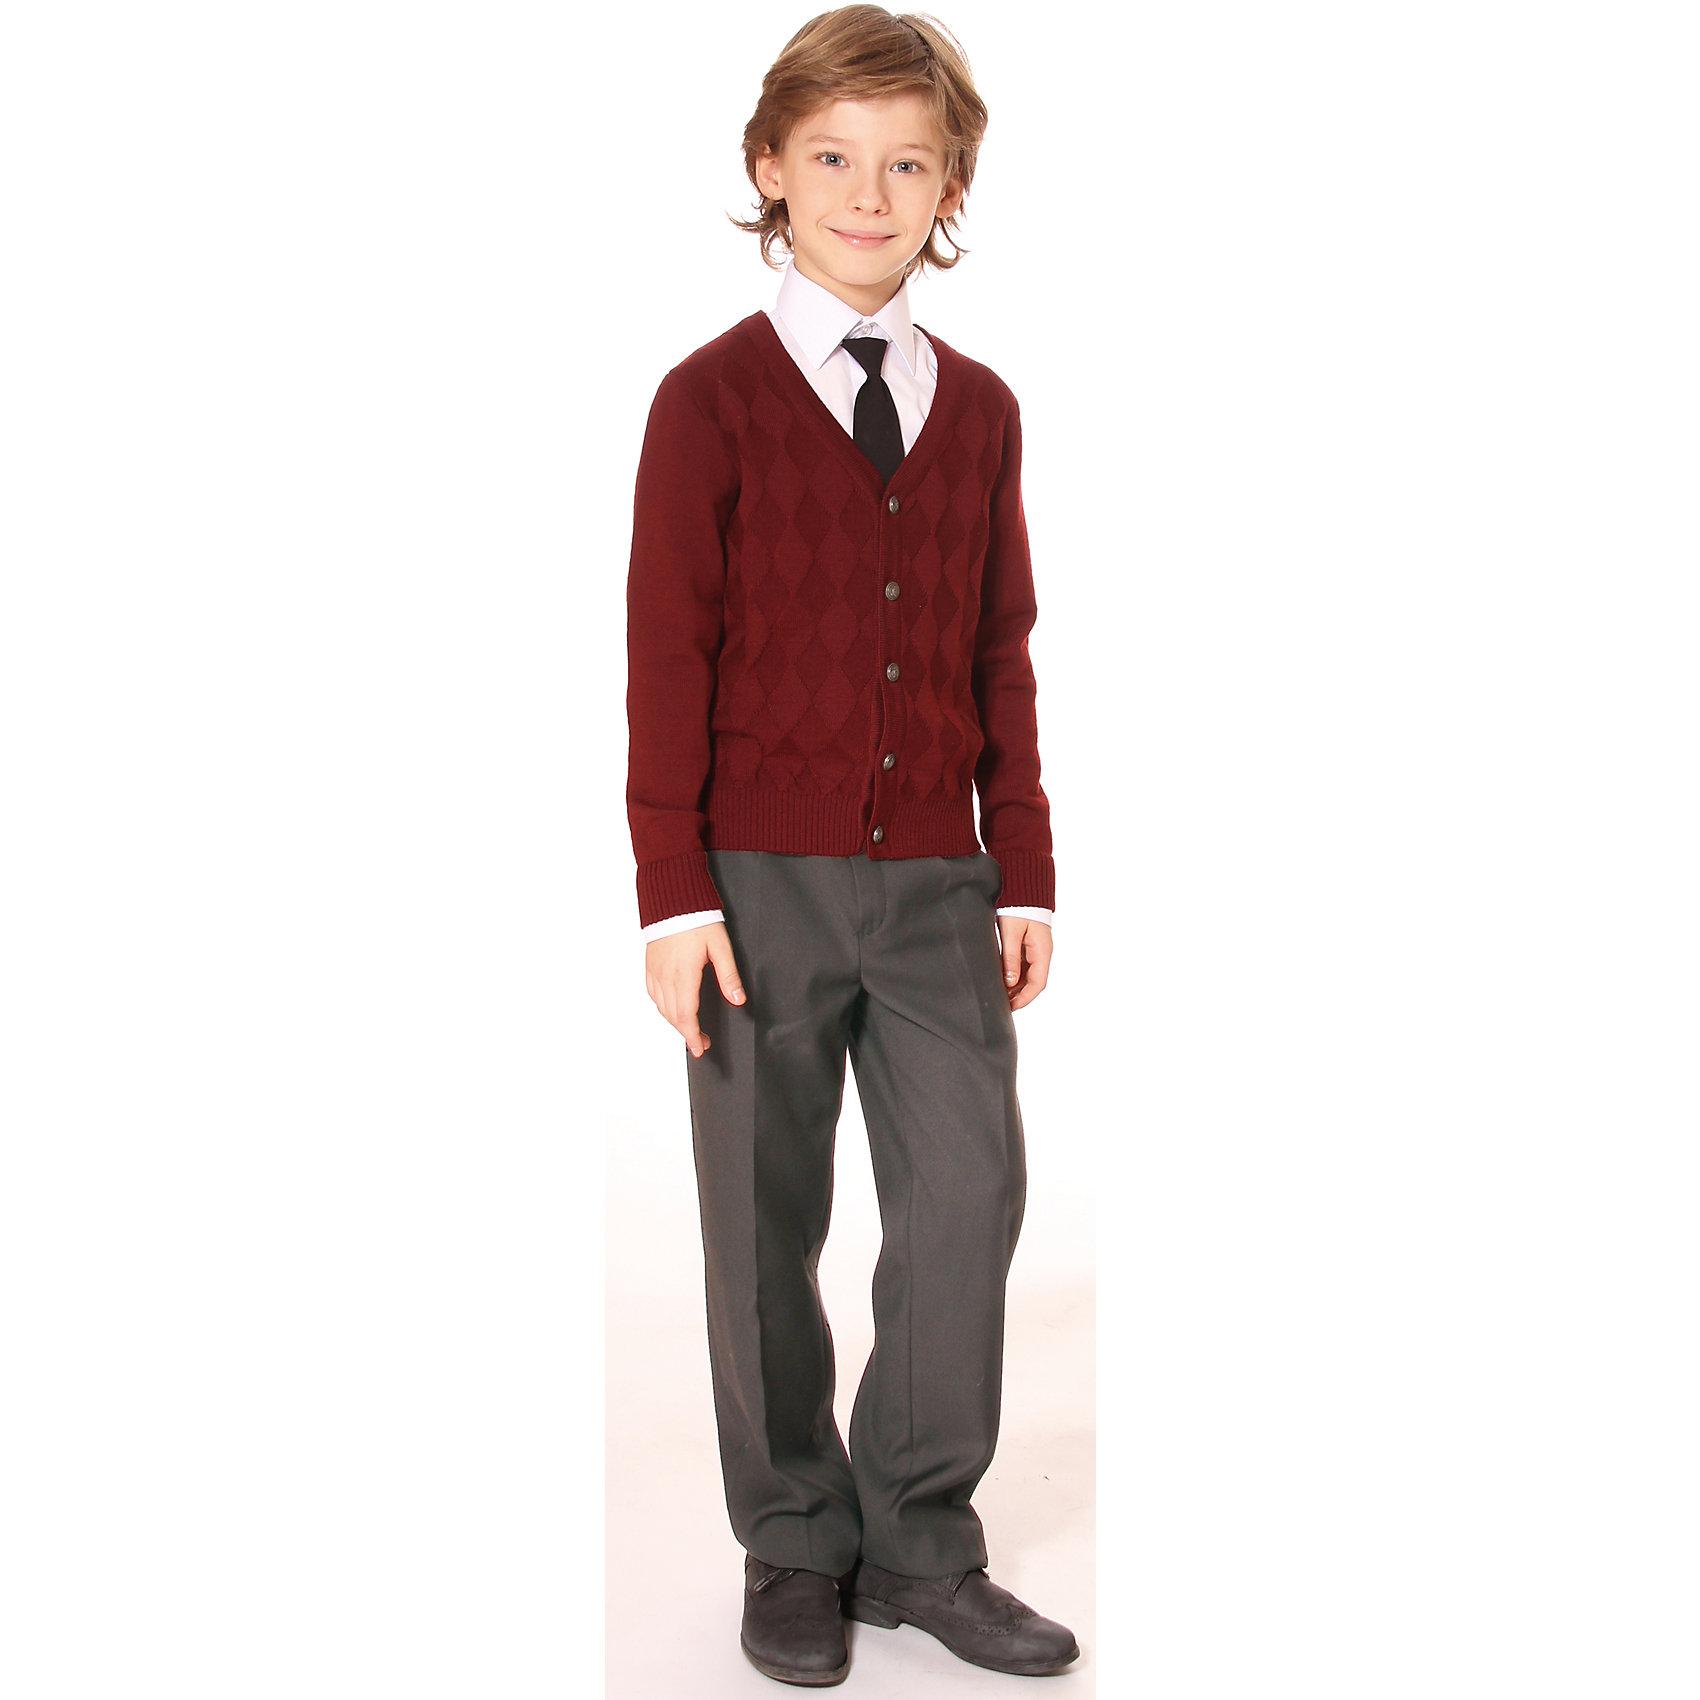 Брюки для мальчика СменаБрюки<br>Брюки для мальчика от российской марки  Смена.<br>Удобные классические брюки для мальчика с регулировкой ширины по талии.<br>Состав:<br>50%  шерсть, 50%  вискоза<br><br>Ширина мм: 215<br>Глубина мм: 88<br>Высота мм: 191<br>Вес г: 336<br>Цвет: серый<br>Возраст от месяцев: 132<br>Возраст до месяцев: 144<br>Пол: Мужской<br>Возраст: Детский<br>Размер: 152,140,128,122,134<br>SKU: 4177415